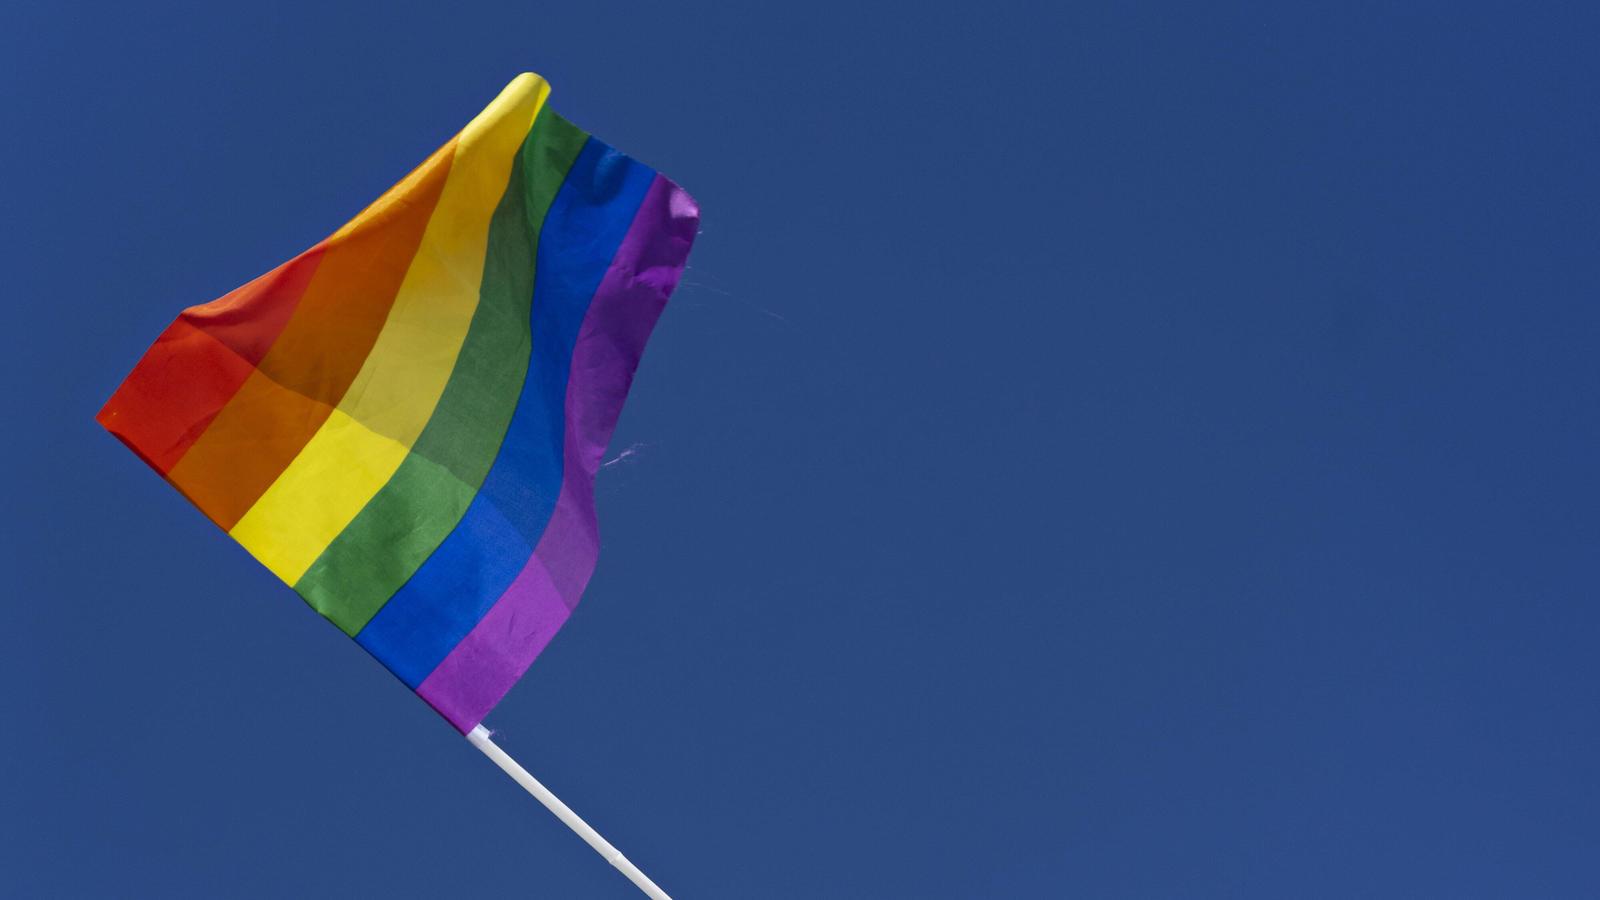 Kennen Sie die Bedeutung der Regebogenfahne? Sie gilt als Zeichen für Toleranz, Akzeptanz und Vielfalt. Dabei hat jede Farbe eine bestimmte Bedeutung: Pink steht für Sexualität, Rot für das Leben, Orange für Heilung, Gelb für die Sonne, Grün für die Natur, Türkis für die Kunst, Blau für Harmonie und Lila für Spiritualität.